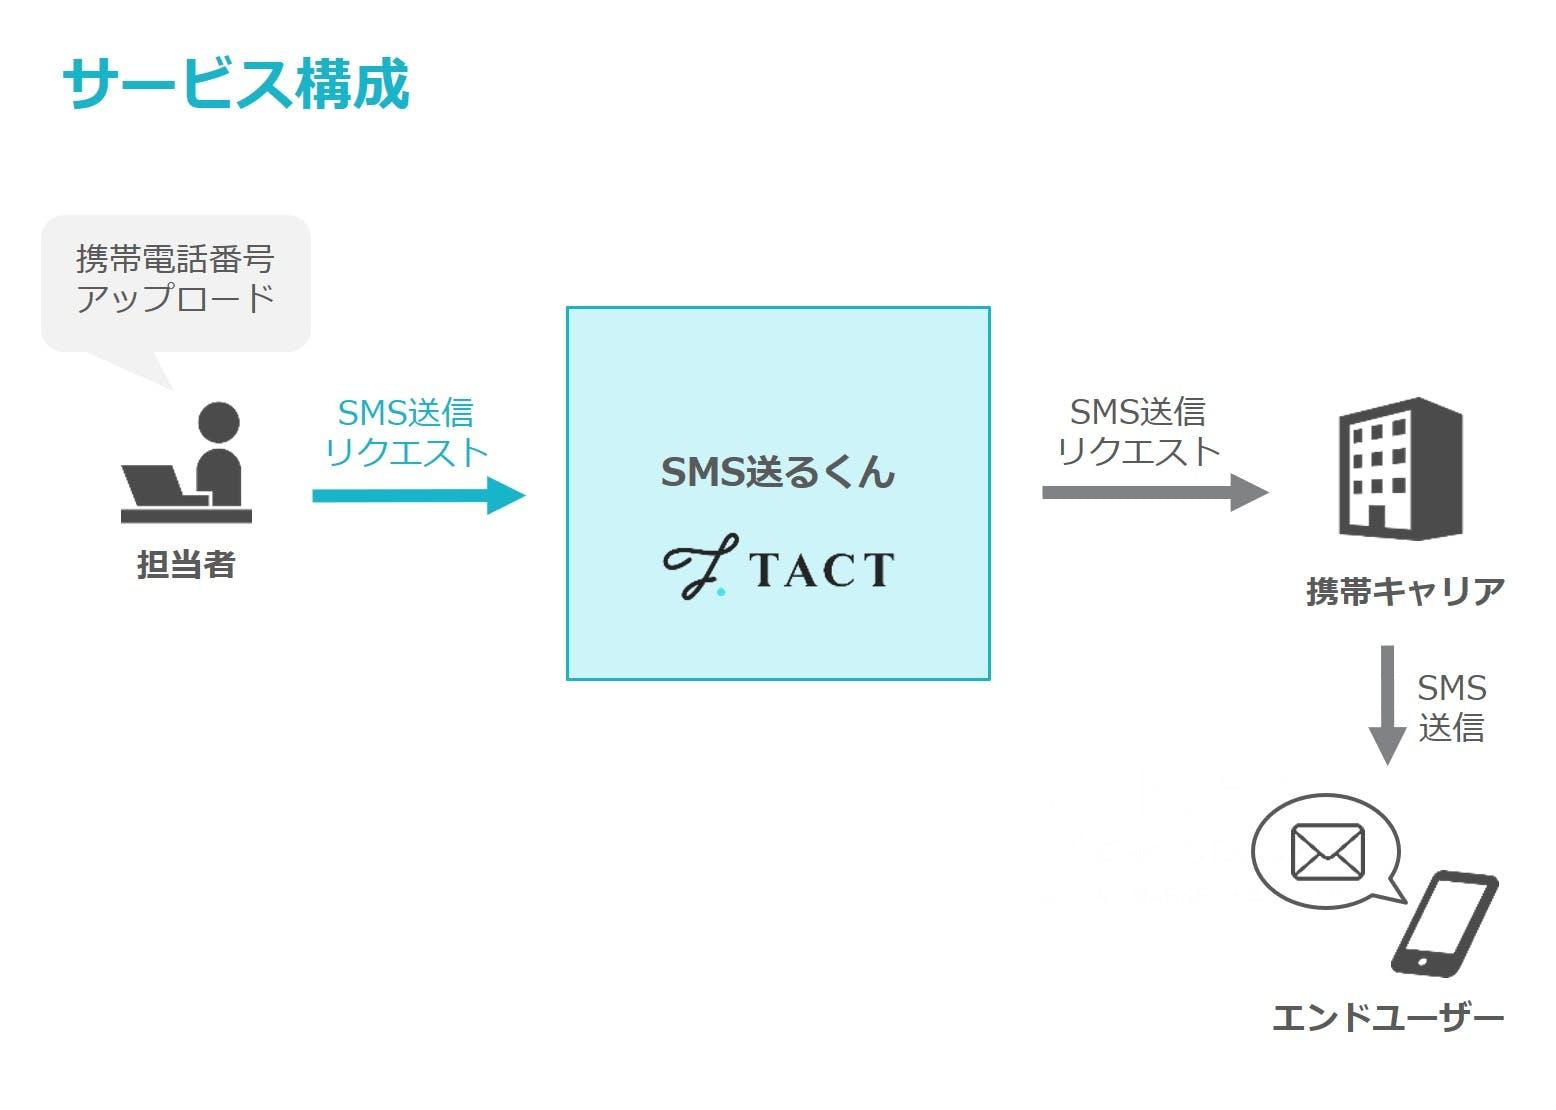 『SMS送るくん』サービス構成イメージ